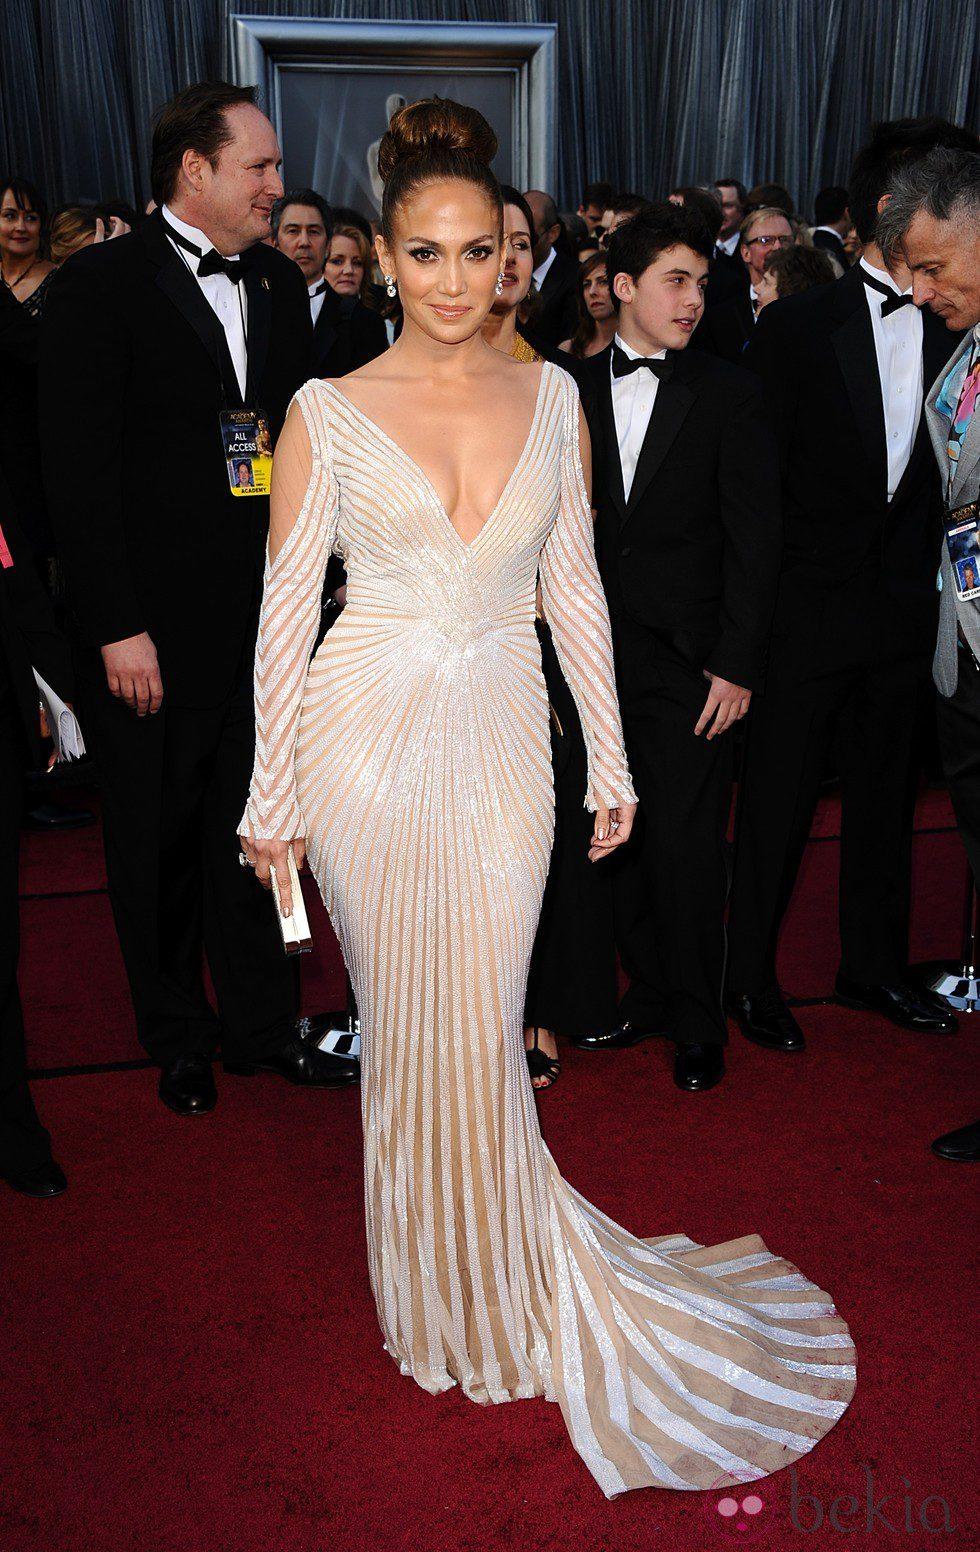 Jennifer Lopez con moño beehive en la alfombra roja de los Oscar 2012